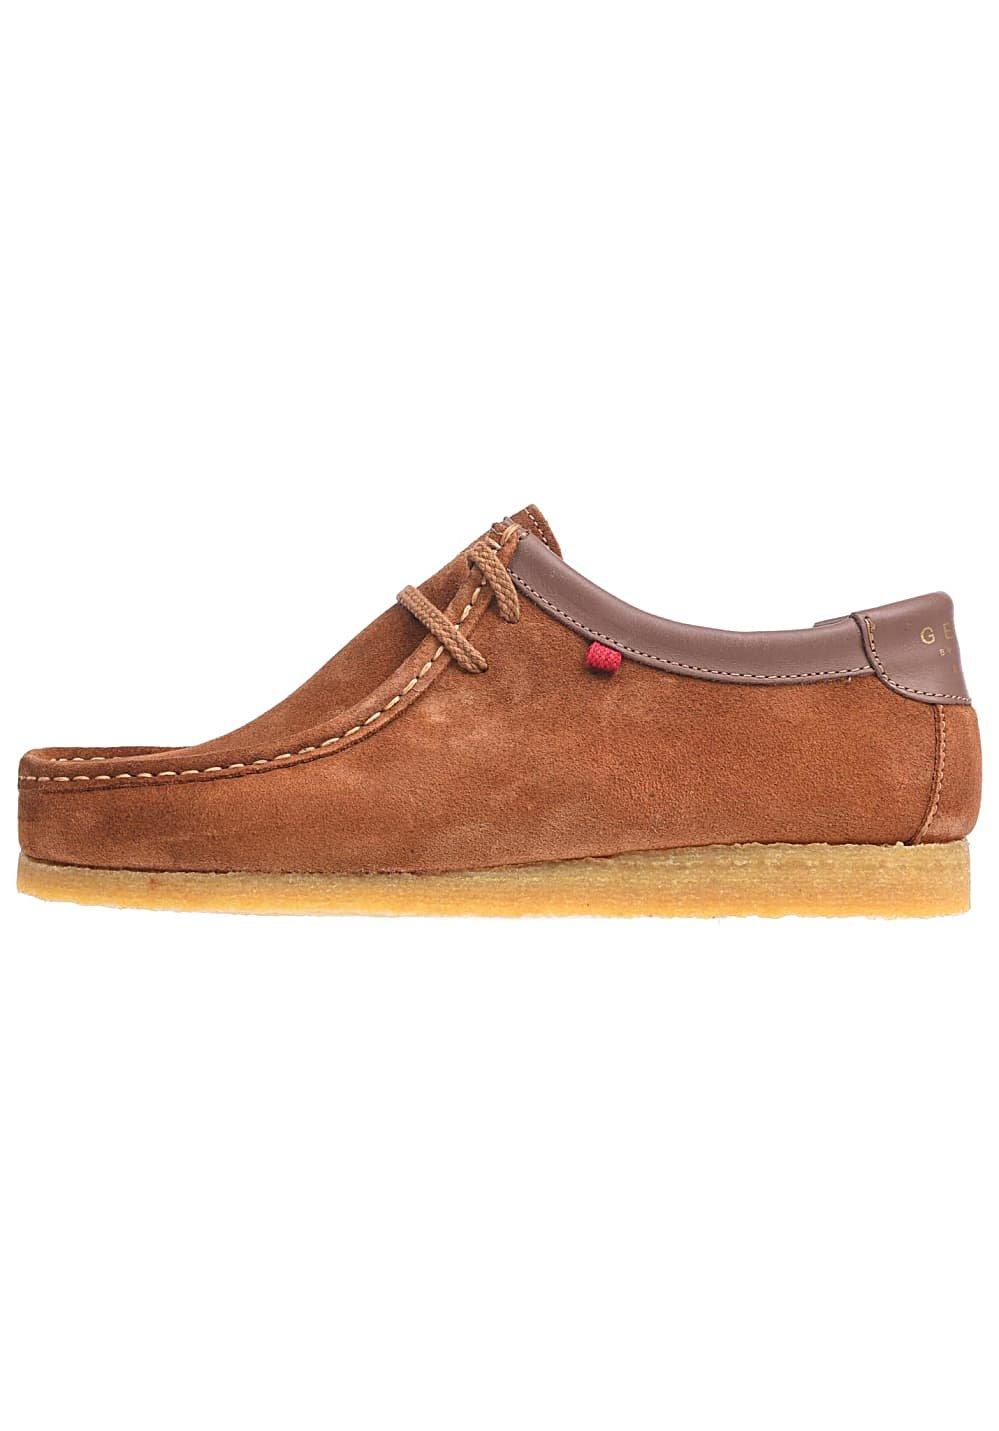 Djinns - Zapatillas para hombre 38|Beige En línea Obtenga la mejor oferta barata de descuento más grande